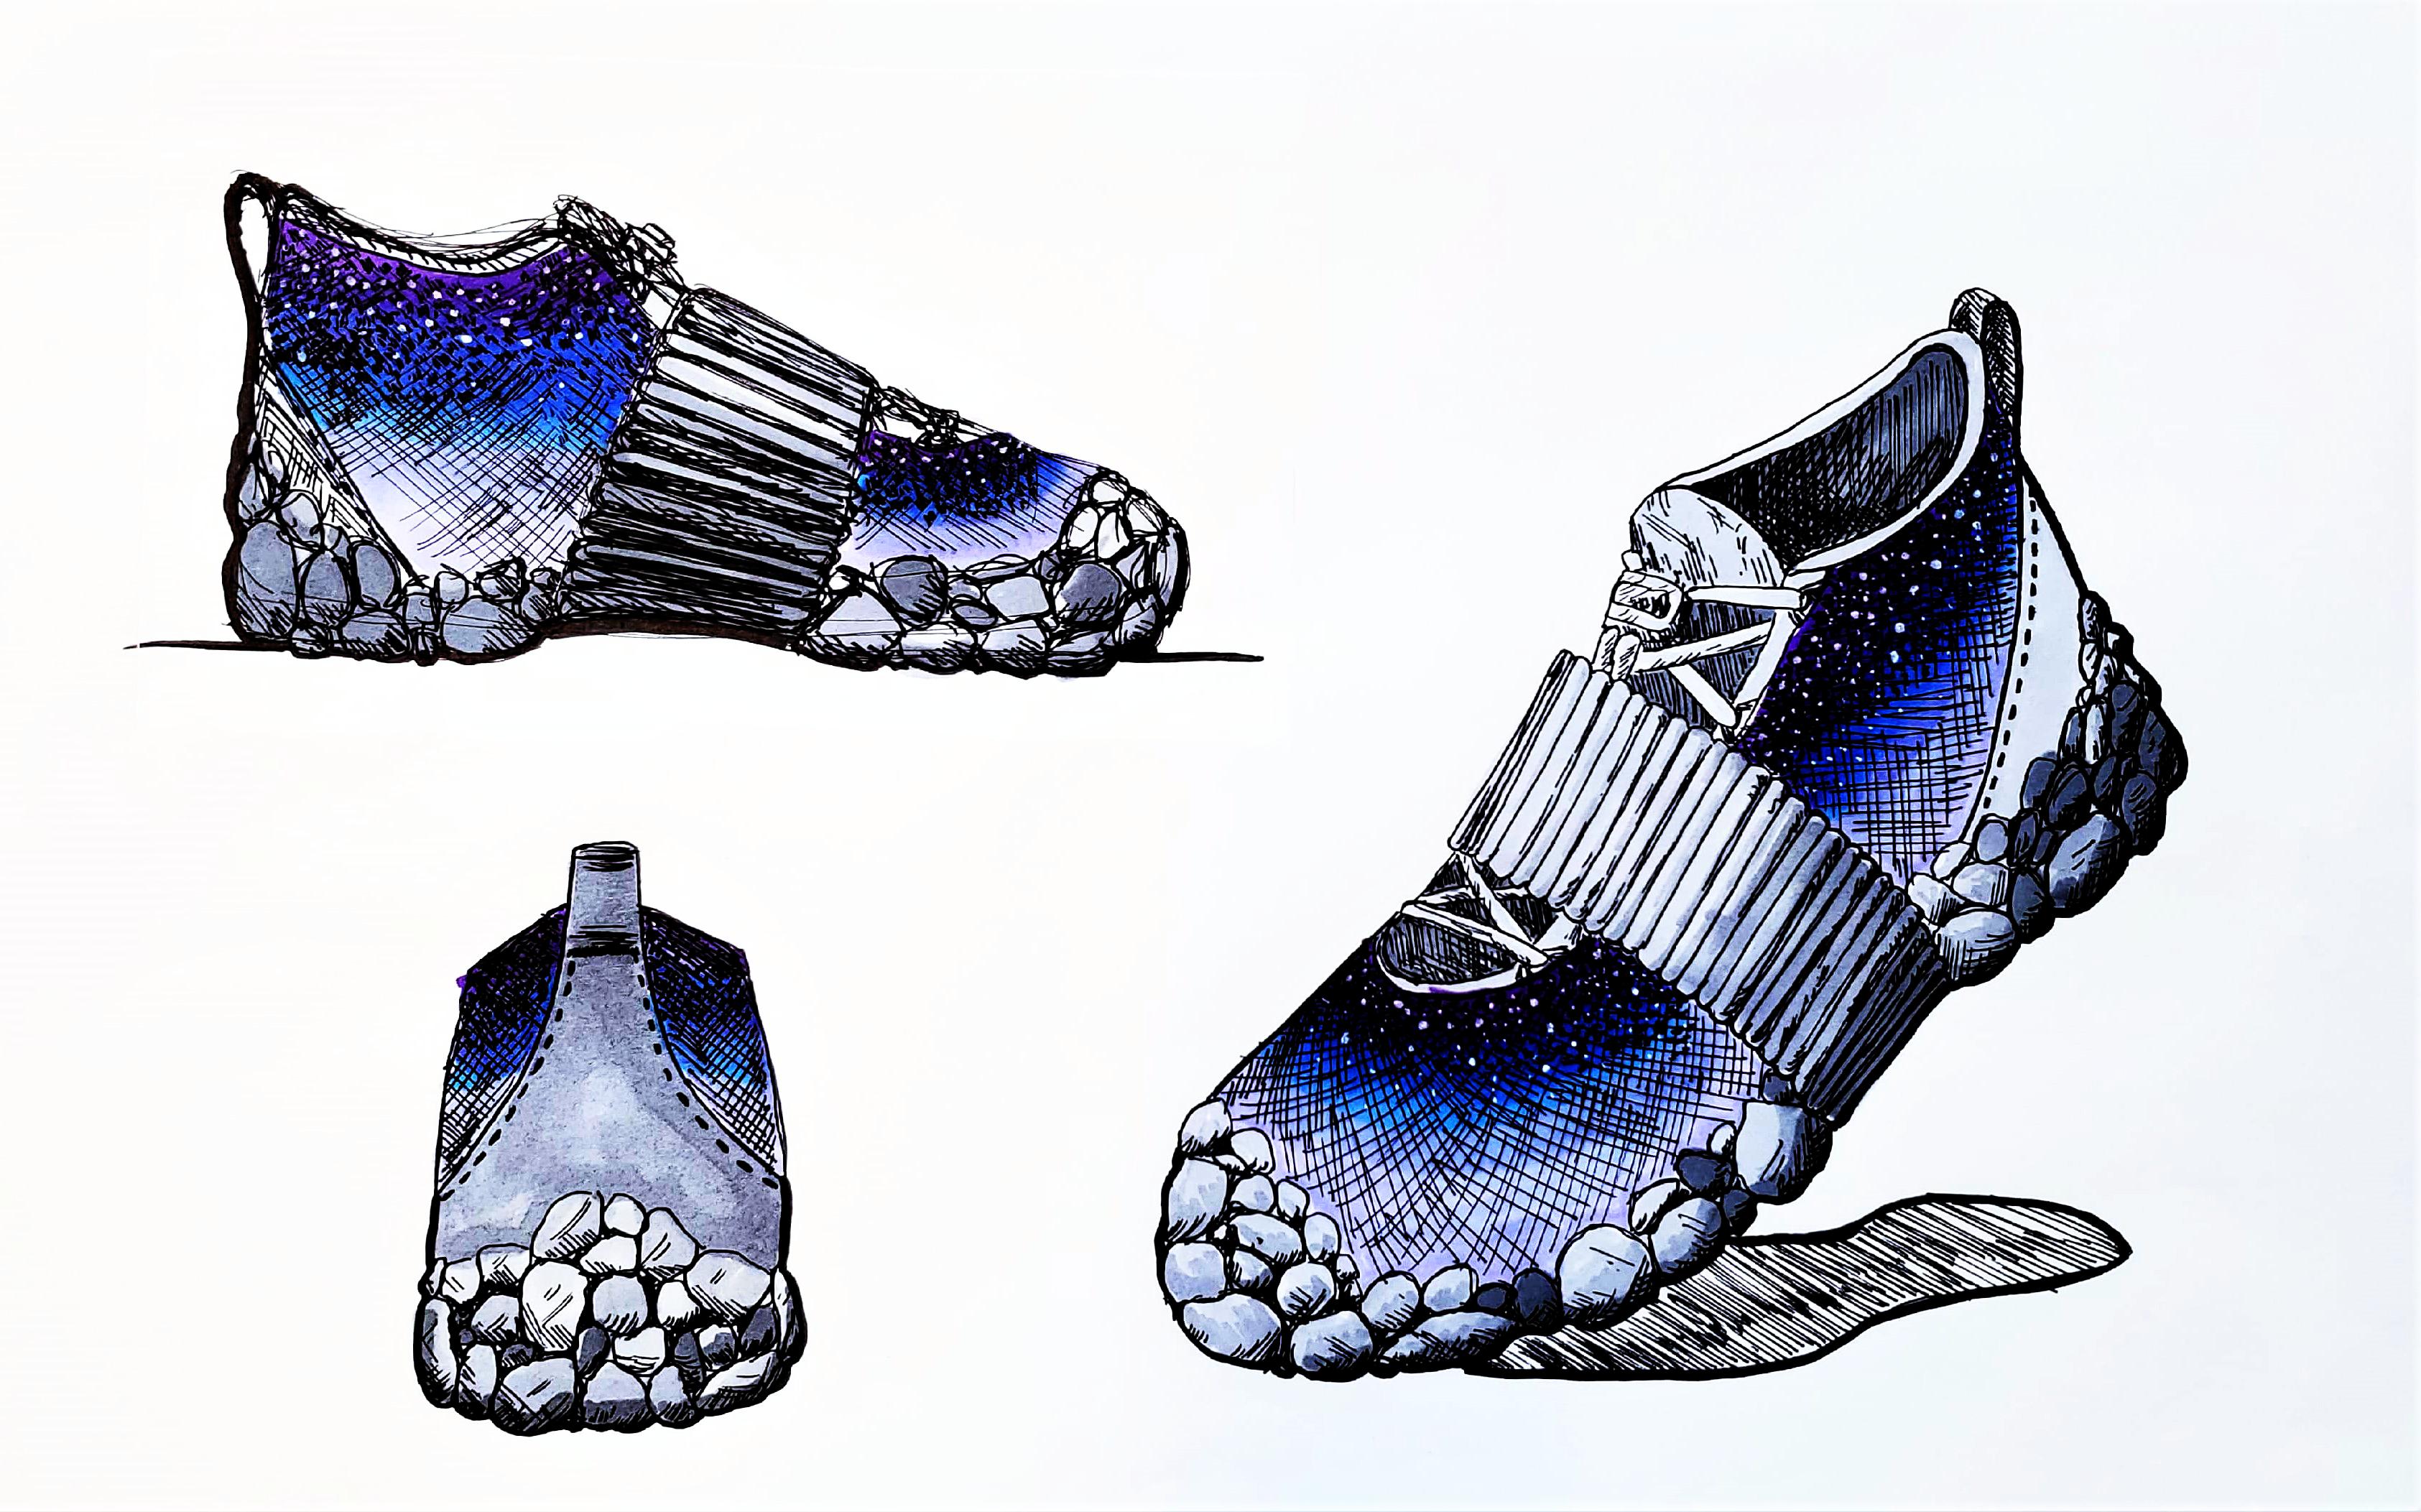 footwear final